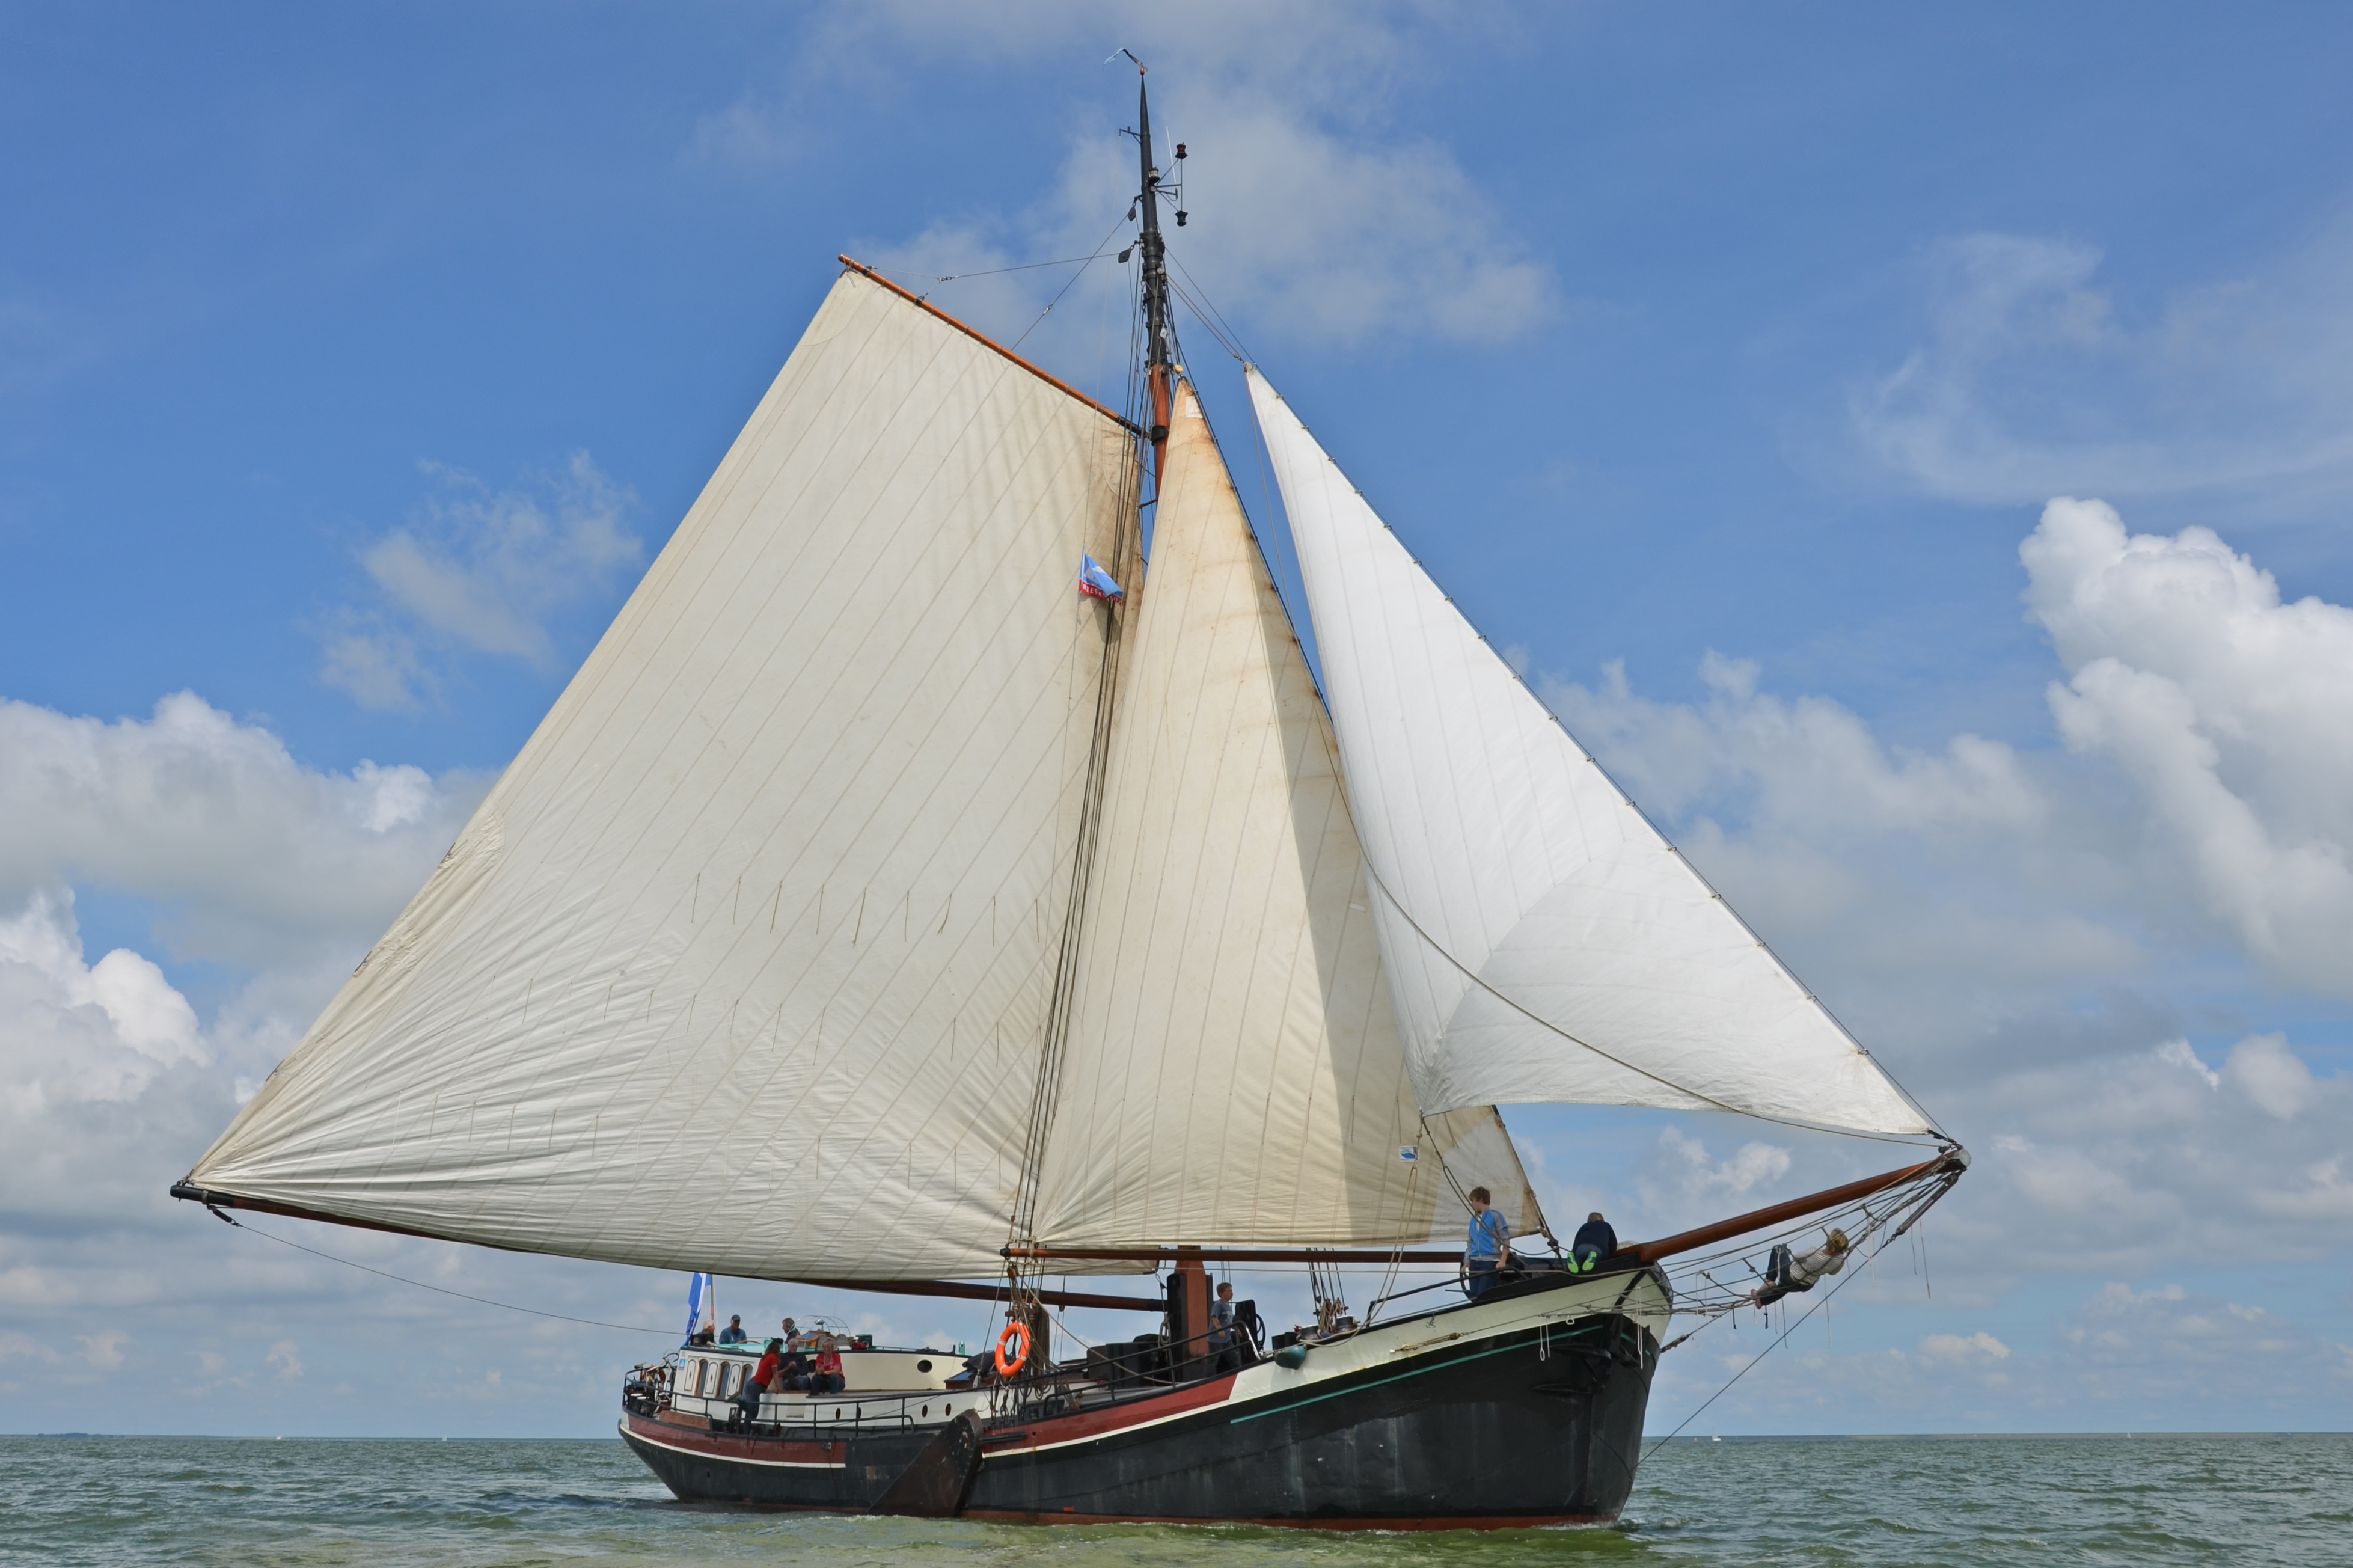 zeilen op IJsselmeer of Waddenzee met de eenmastklipper Lena Adriana vanuit Stavoren